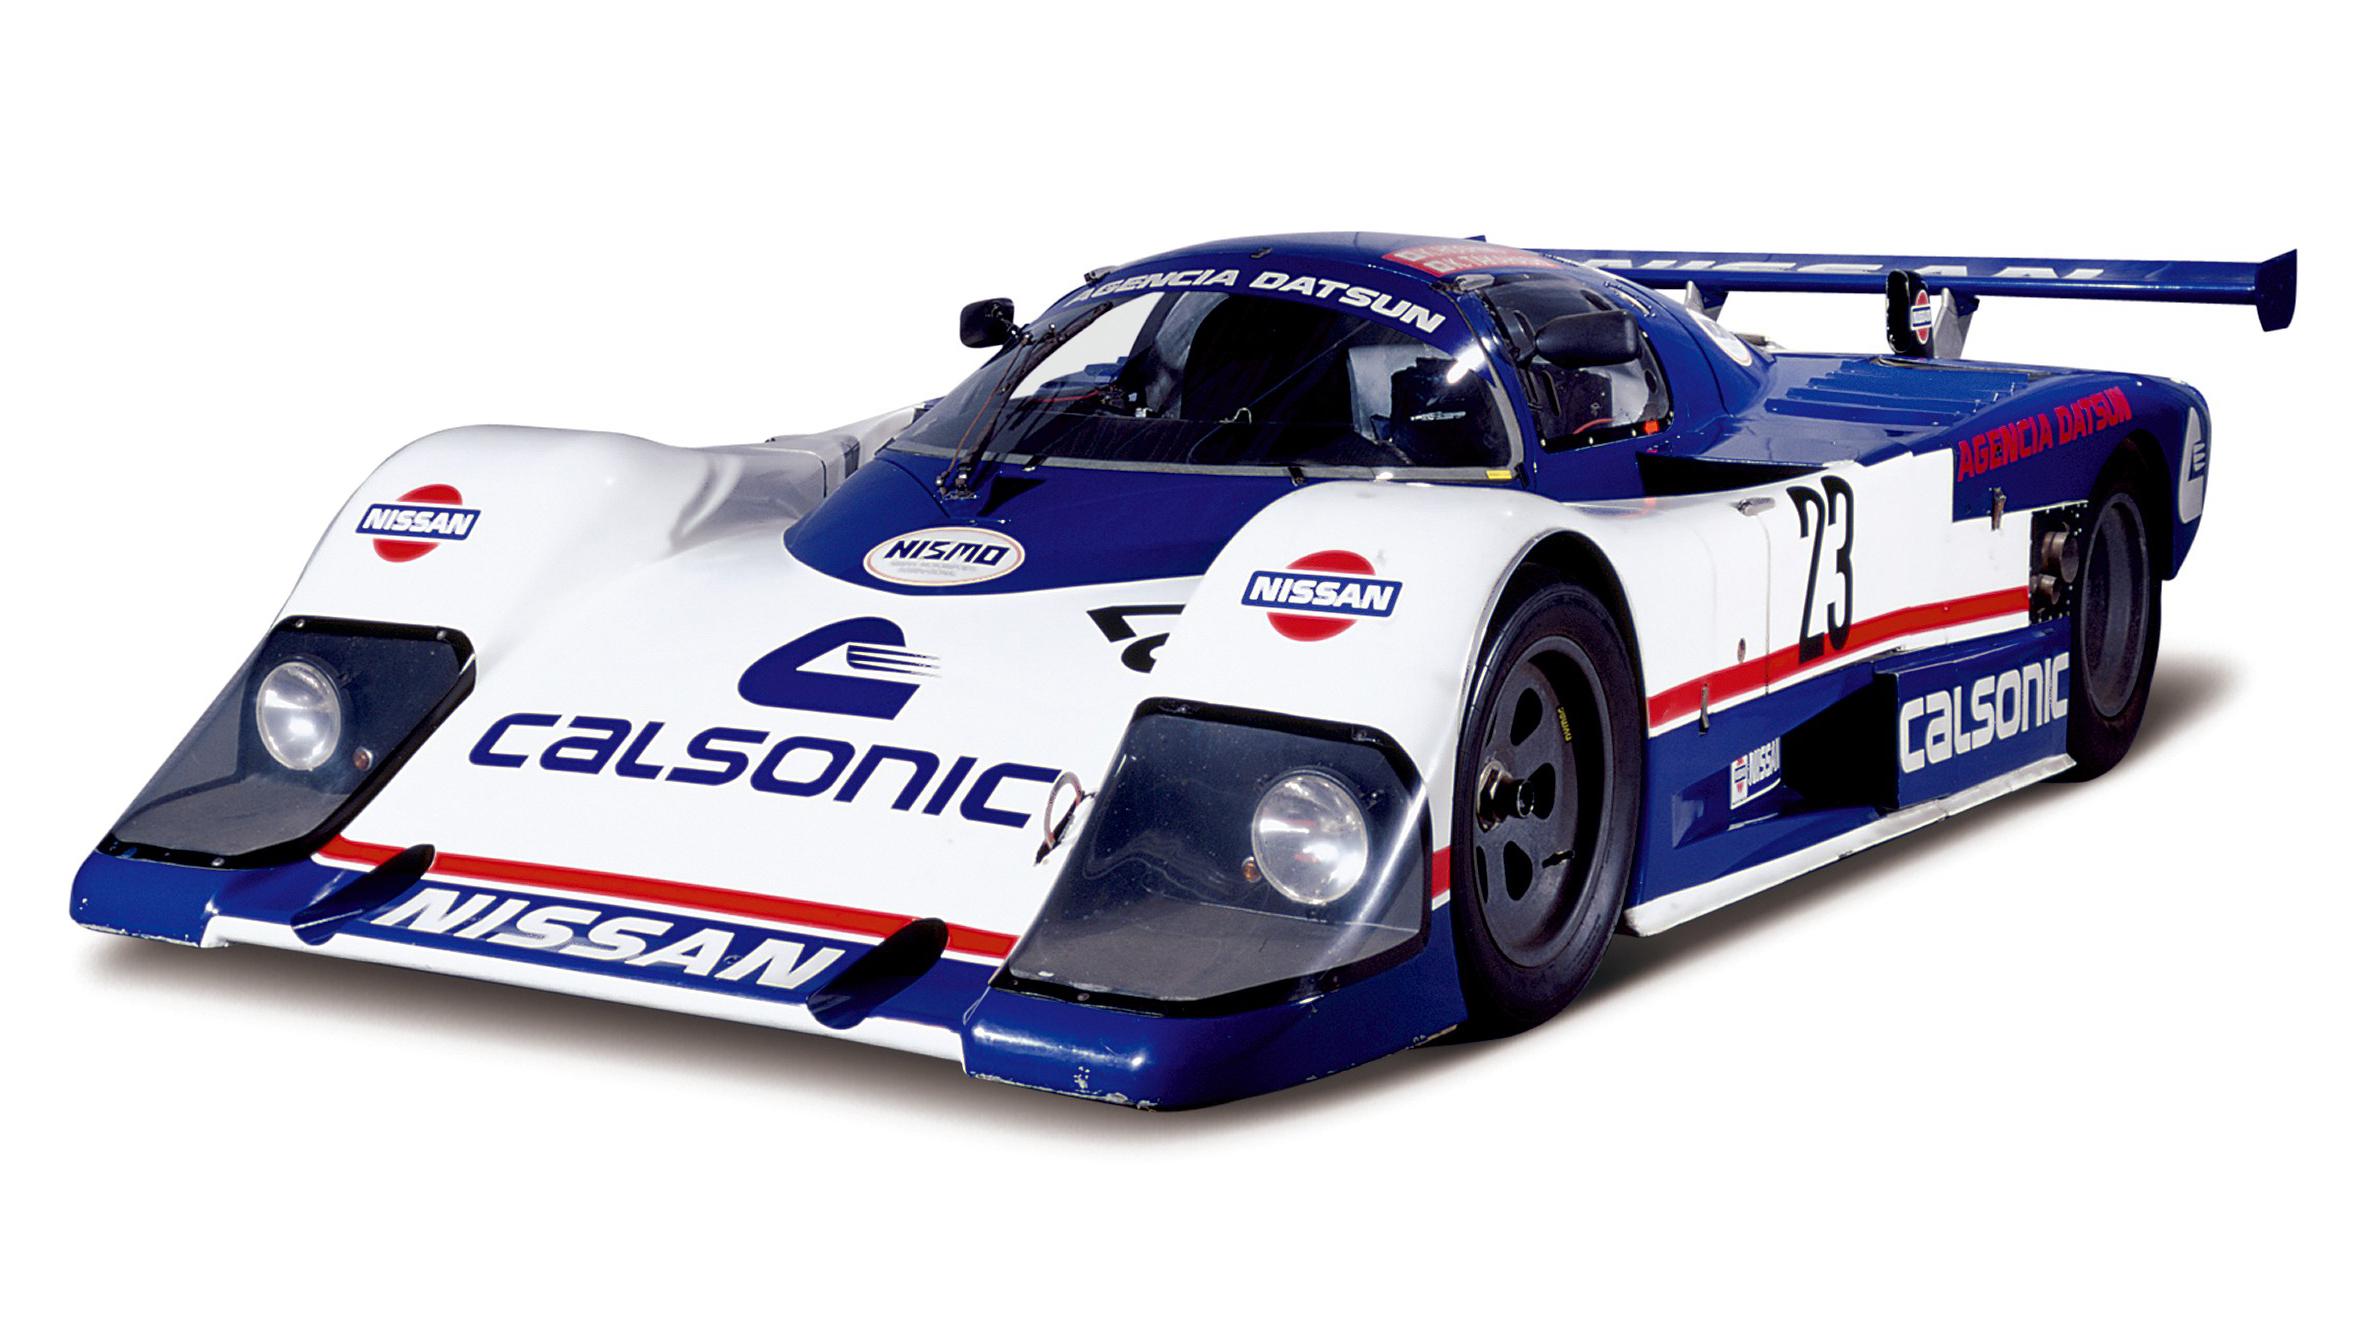 1986 Nissan R86v Gtp Race Racing Wallpaper 2364x1328